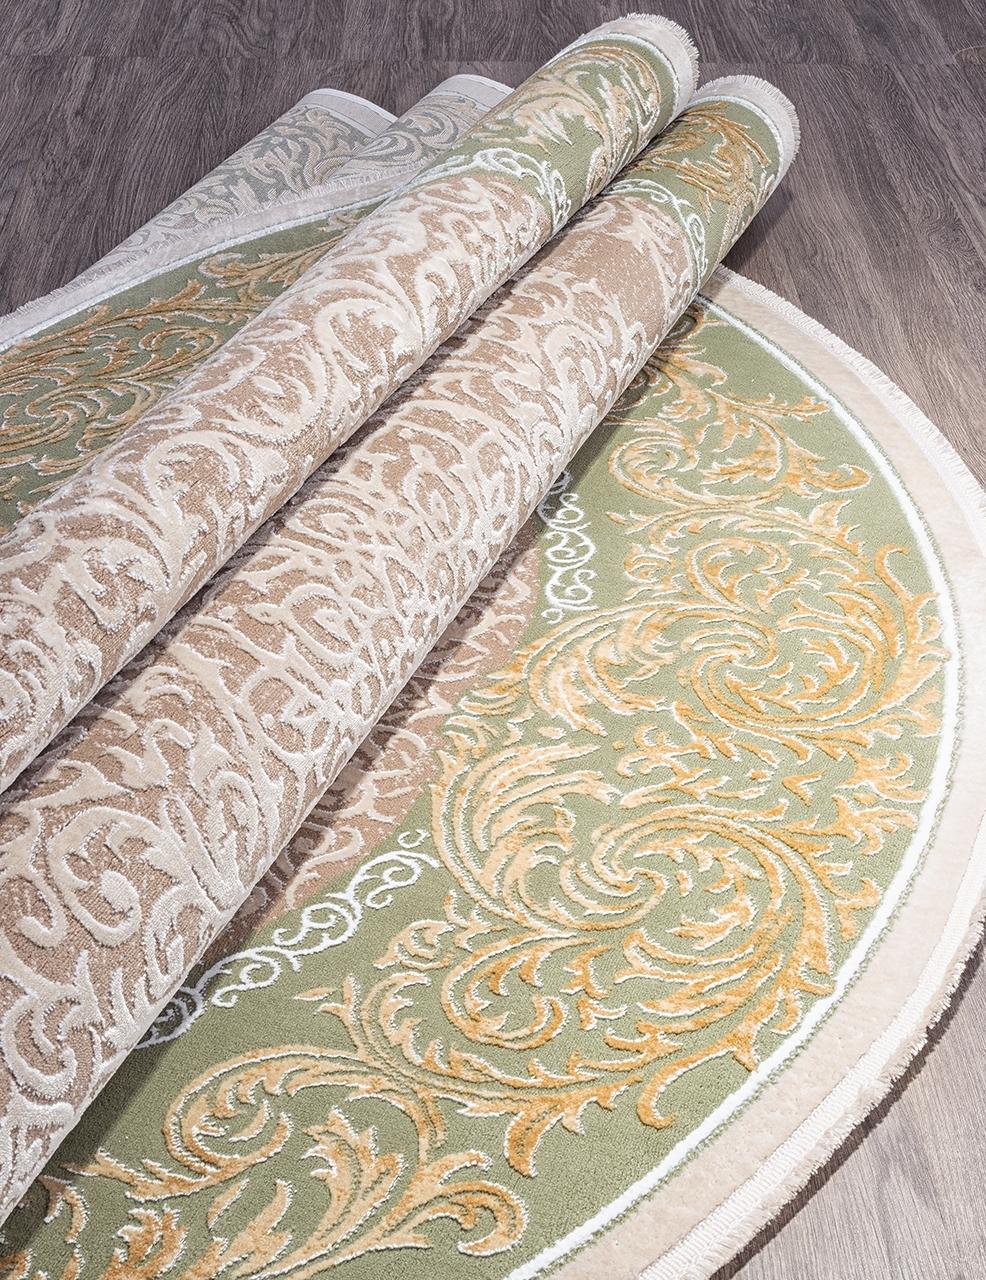 Ковер 33031 - 040 GREEN - Овал - коллекция QATAR - фото 4